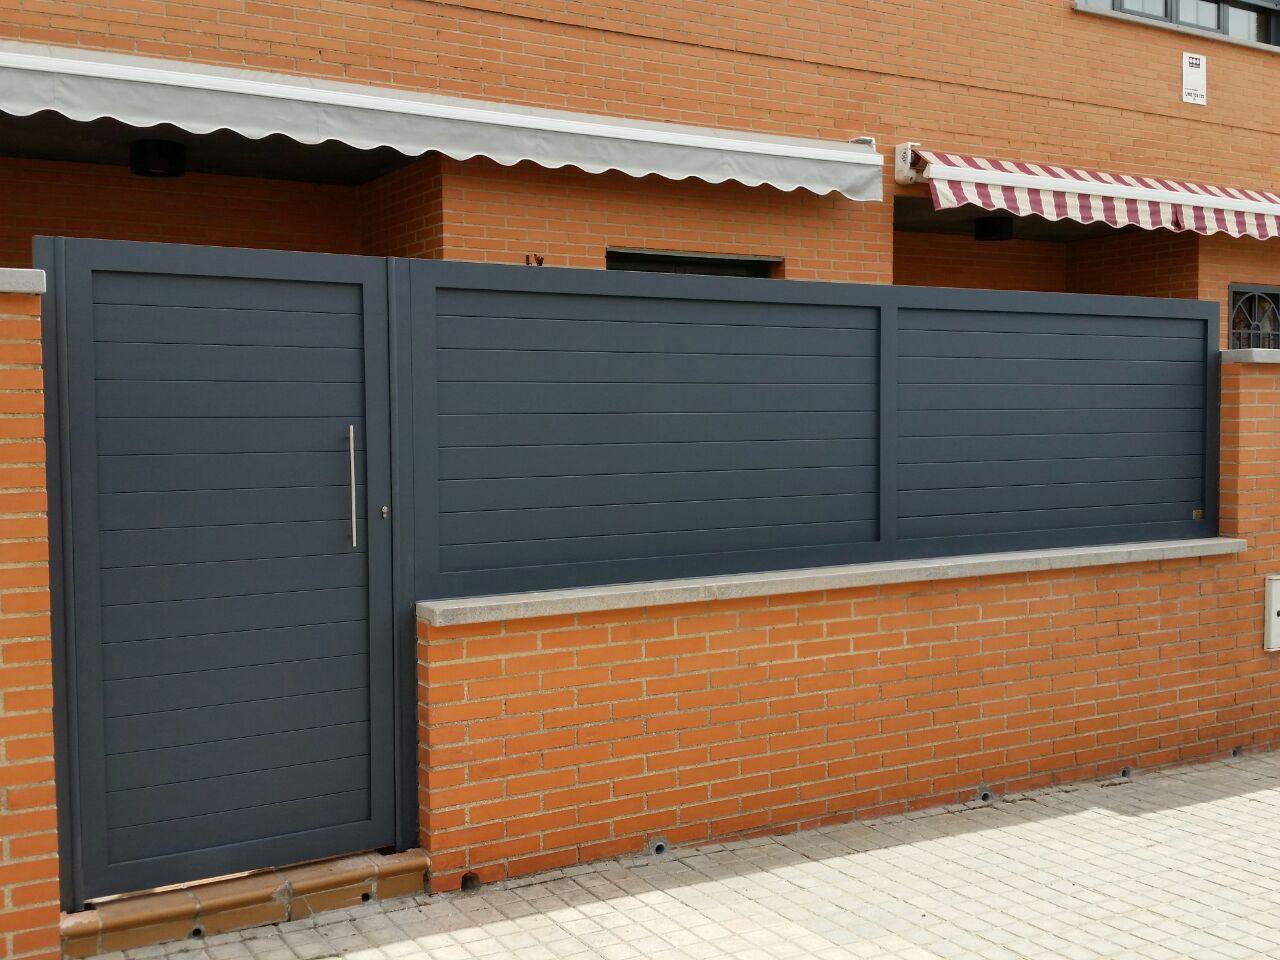 Puertas de aluminio soldado y vallas grupo marver - Puertas de valla ...